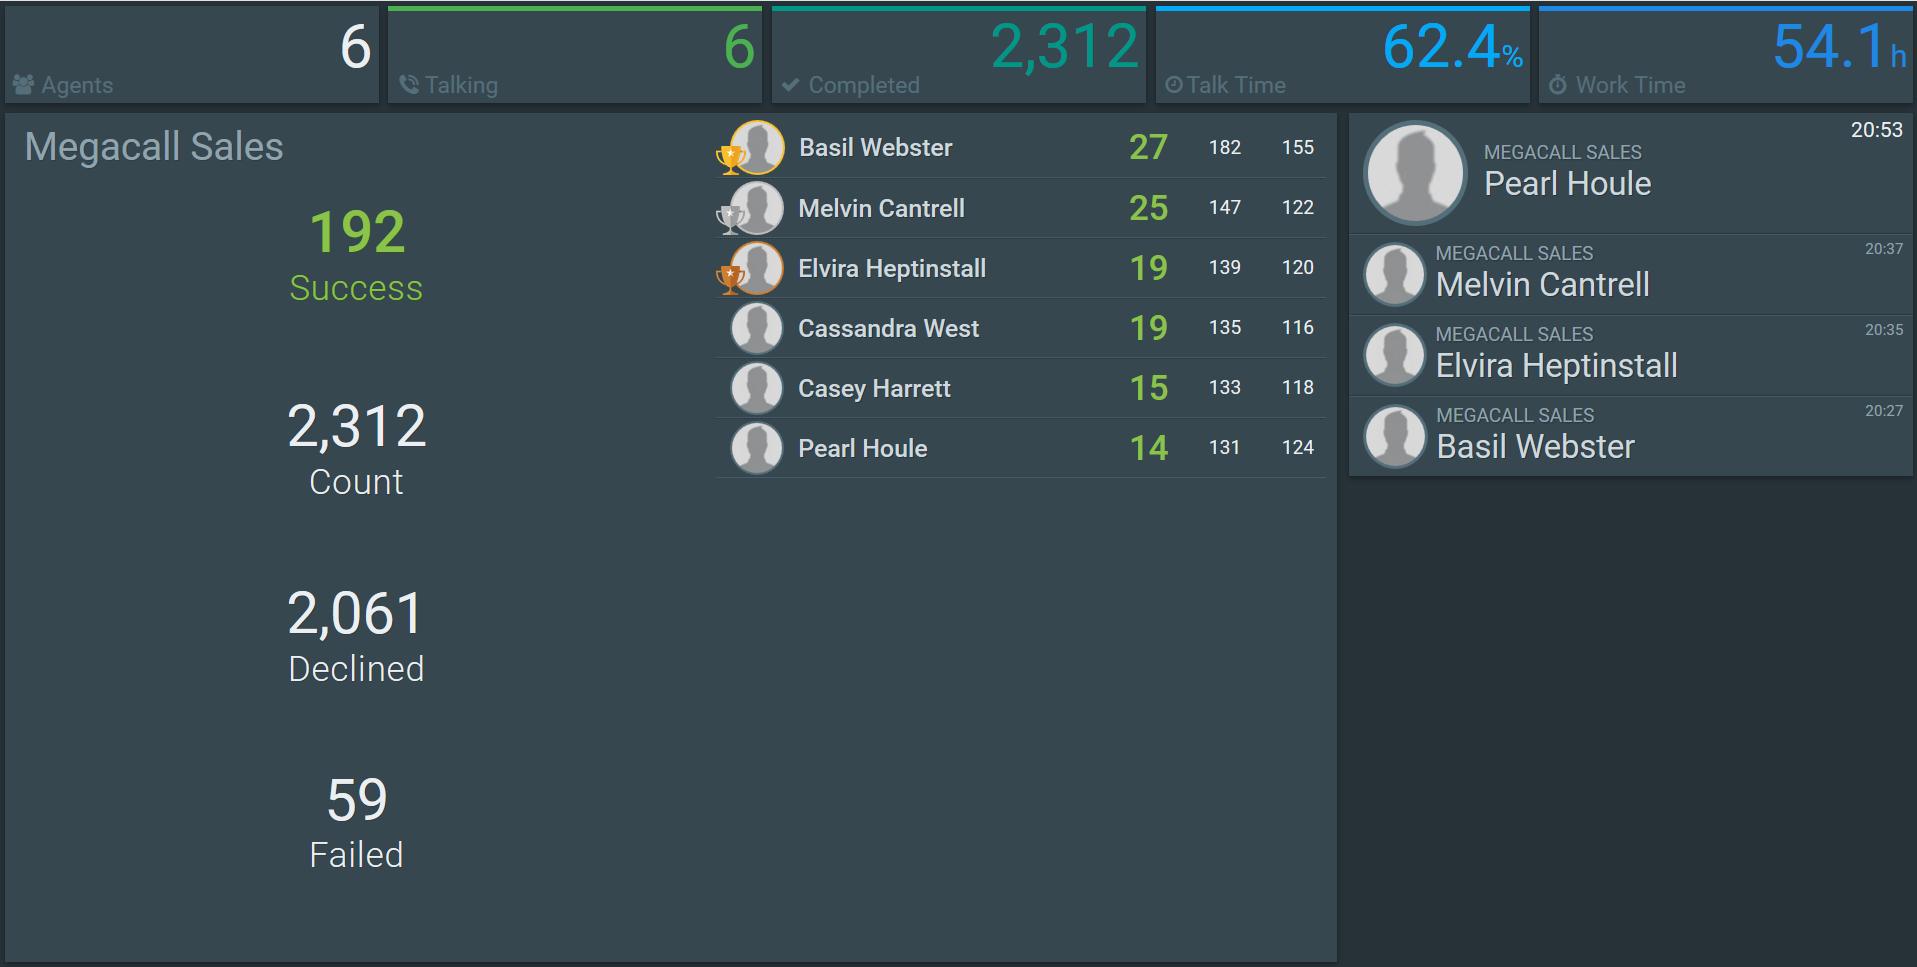 MegaDialer sales overview screenshot